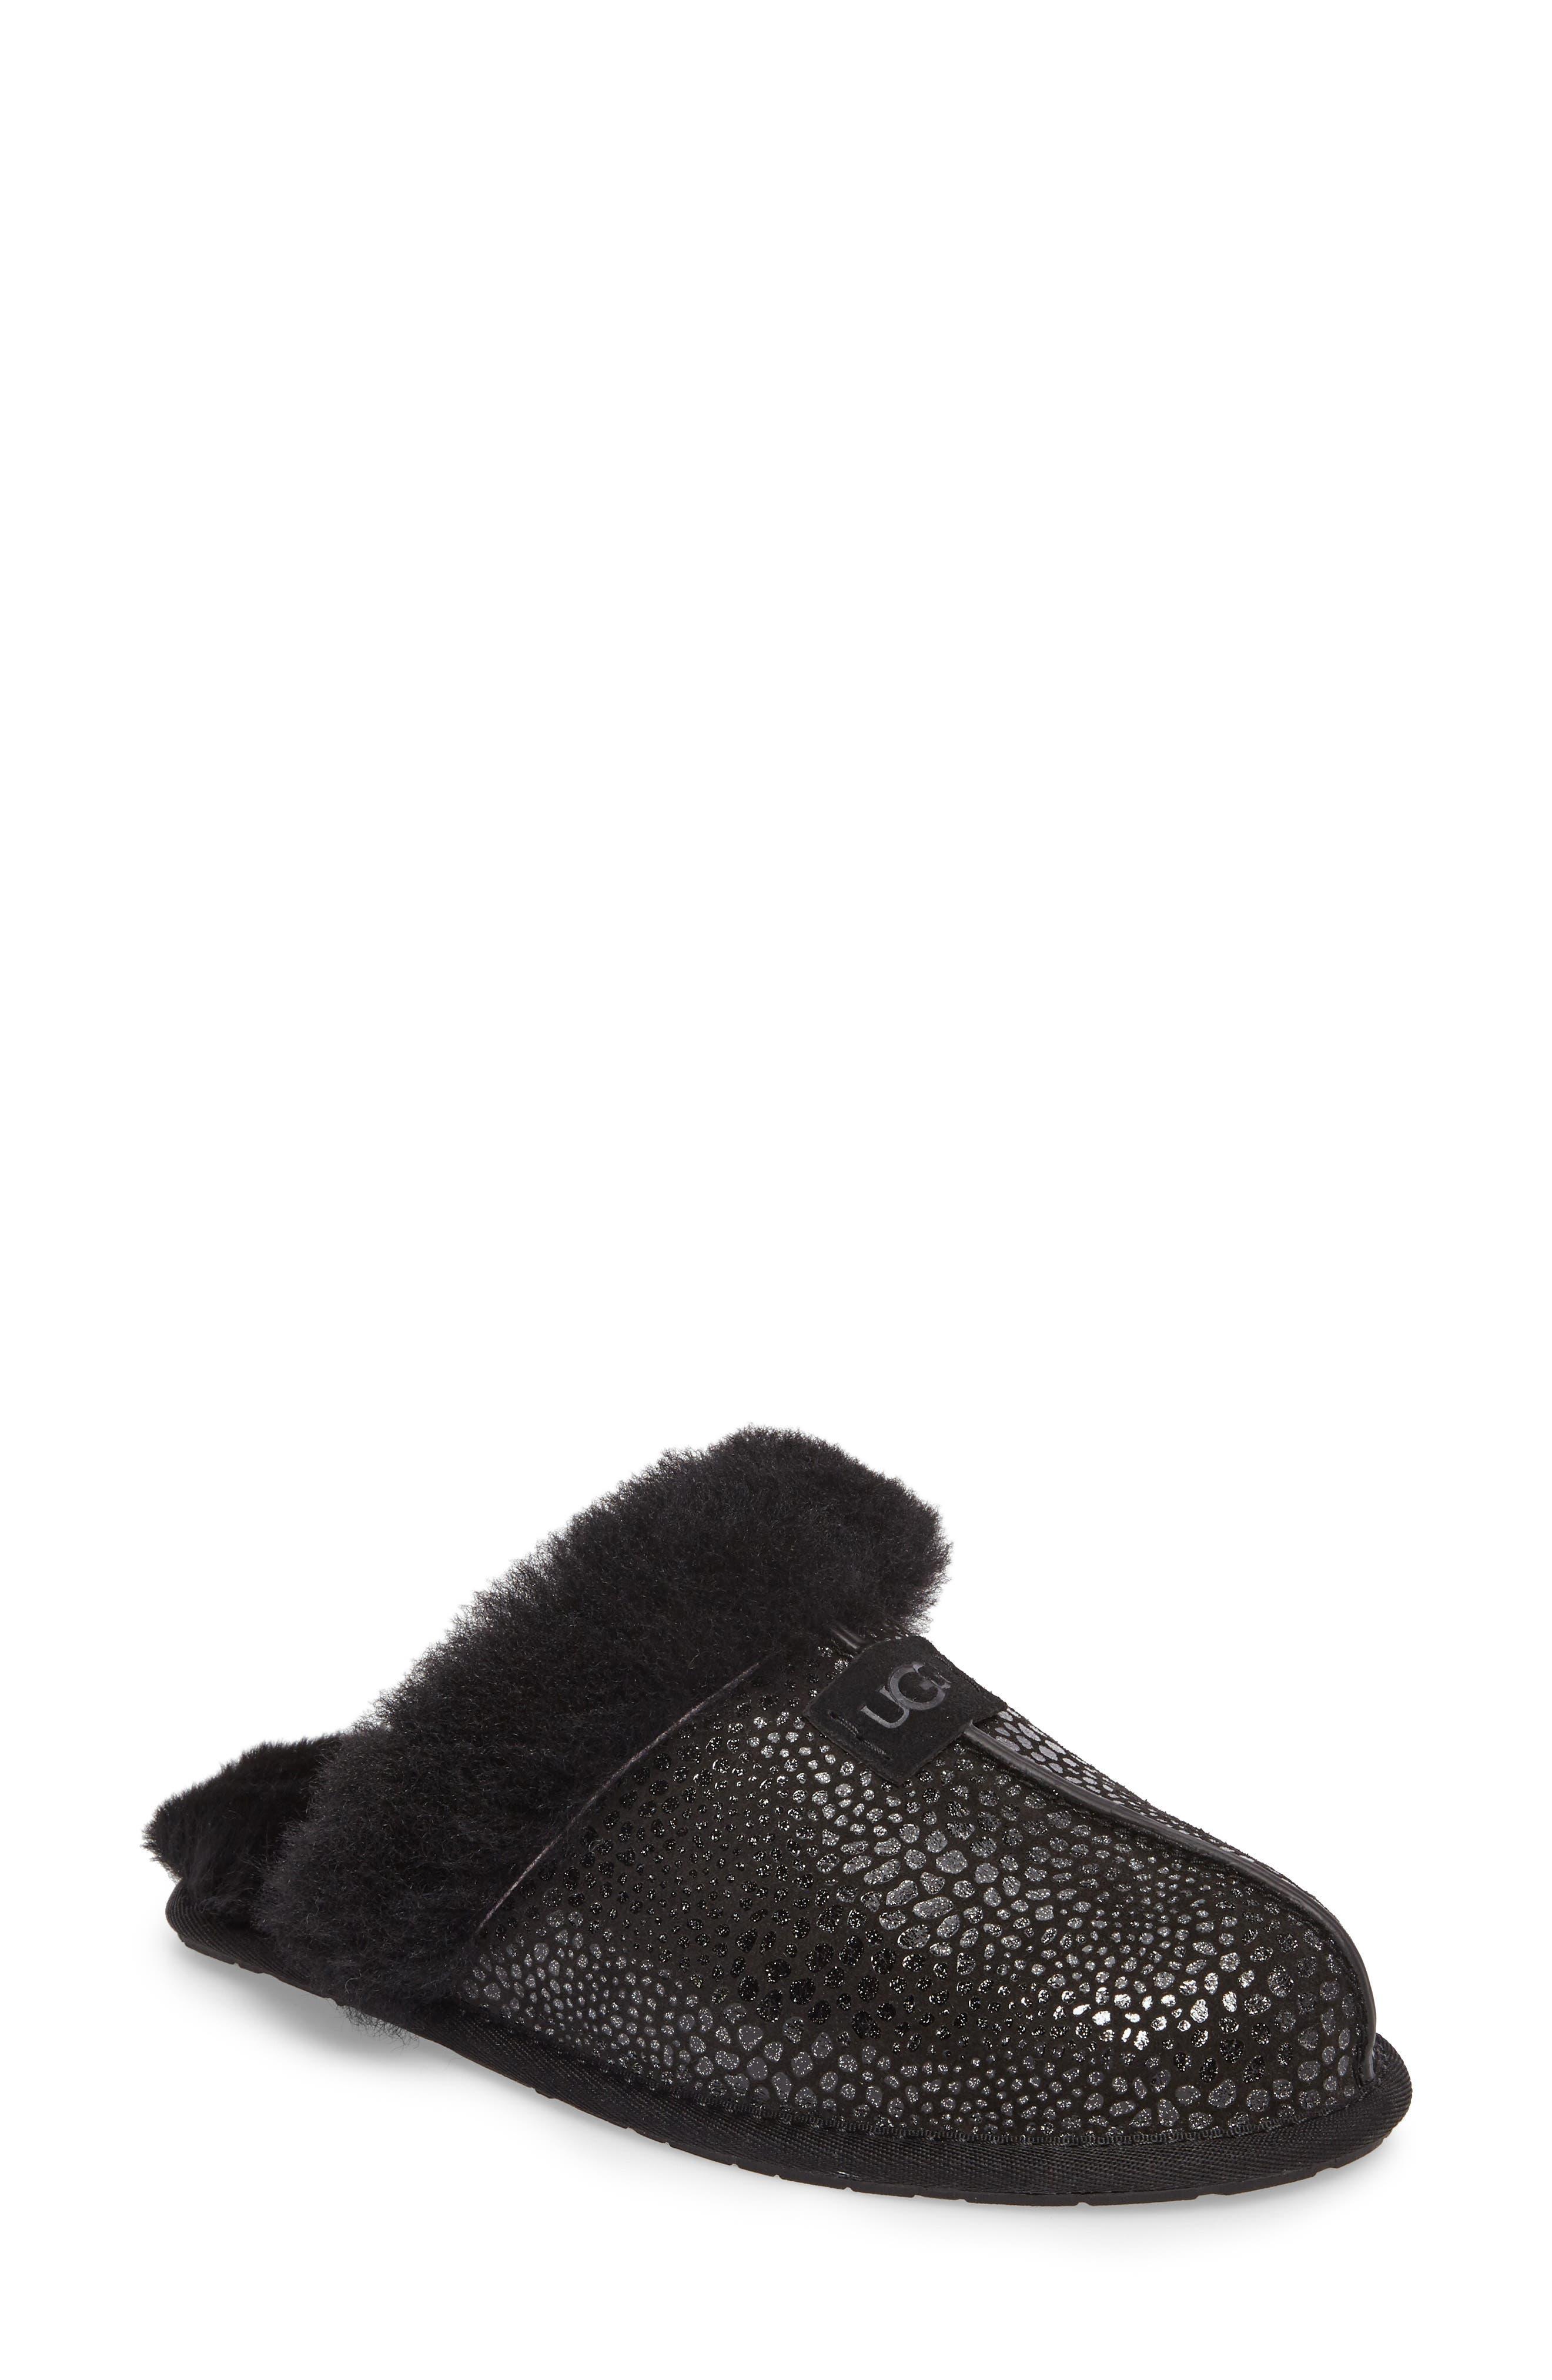 Scuffette II Glitzy Slipper,                         Main,                         color, Black Suede